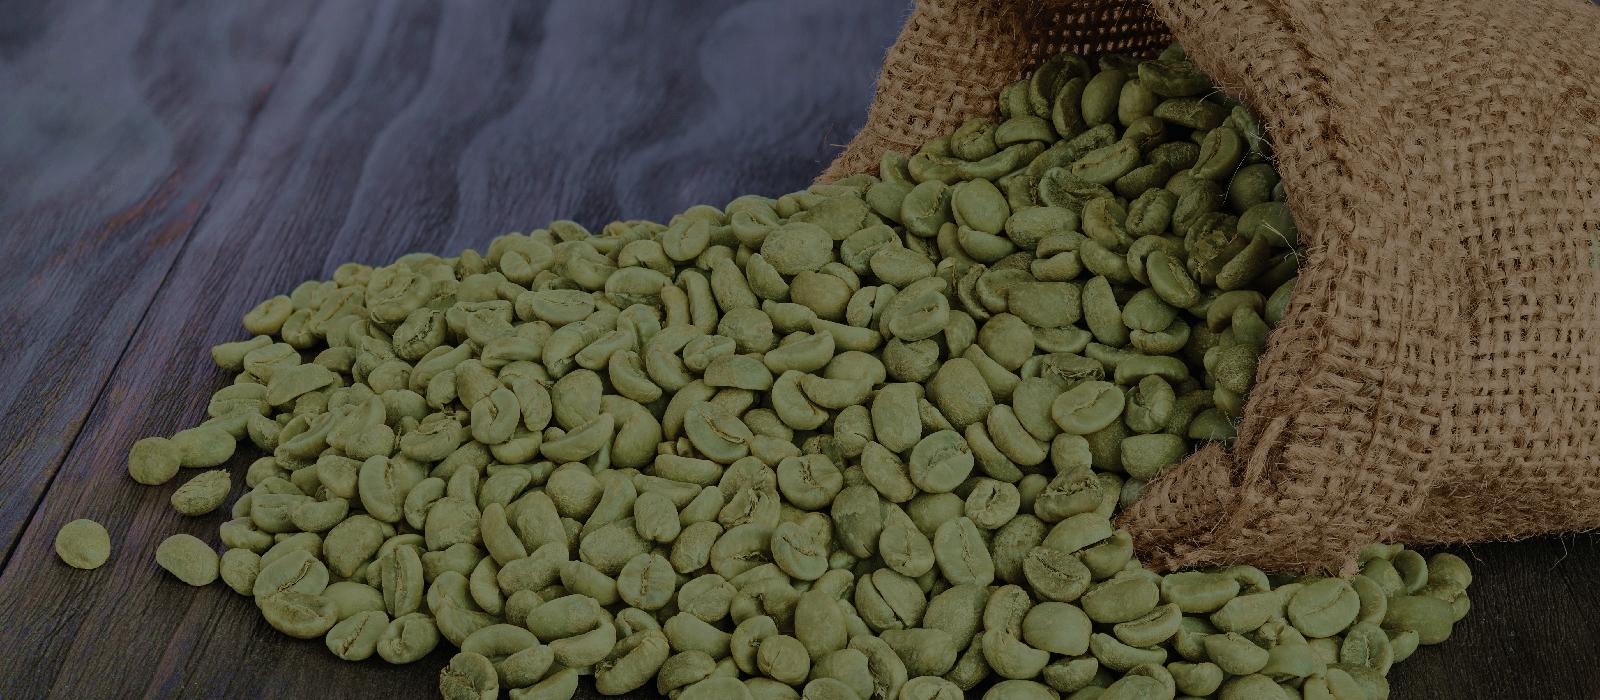 Cum functioneaza boabele de cafea verde?